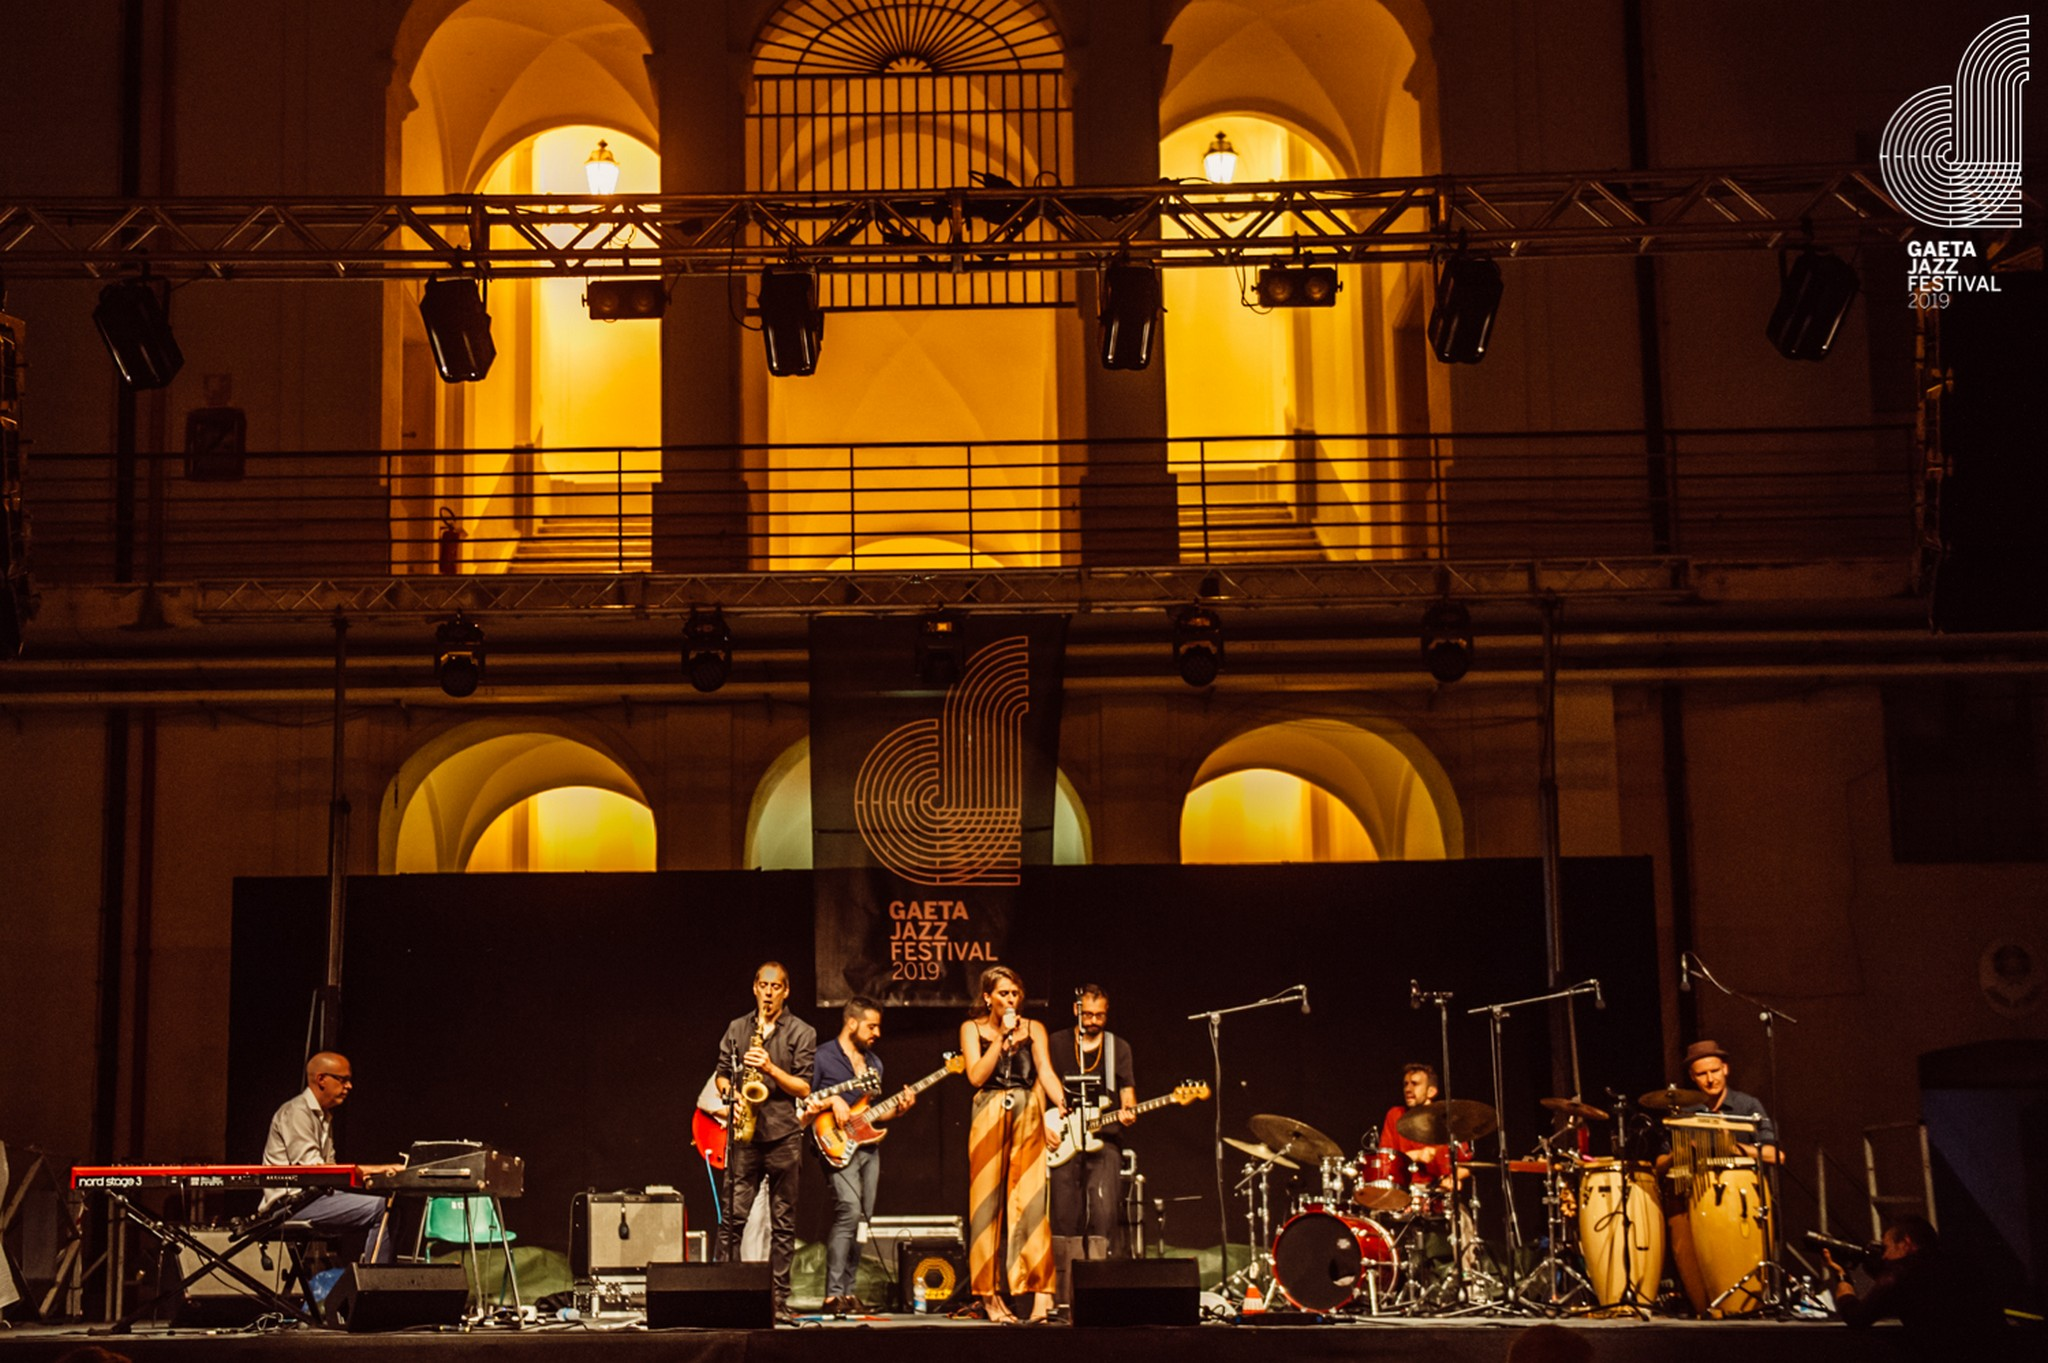 Flavia_Fiengo_Gaeta_Jazz_Festival_live_2019__00003